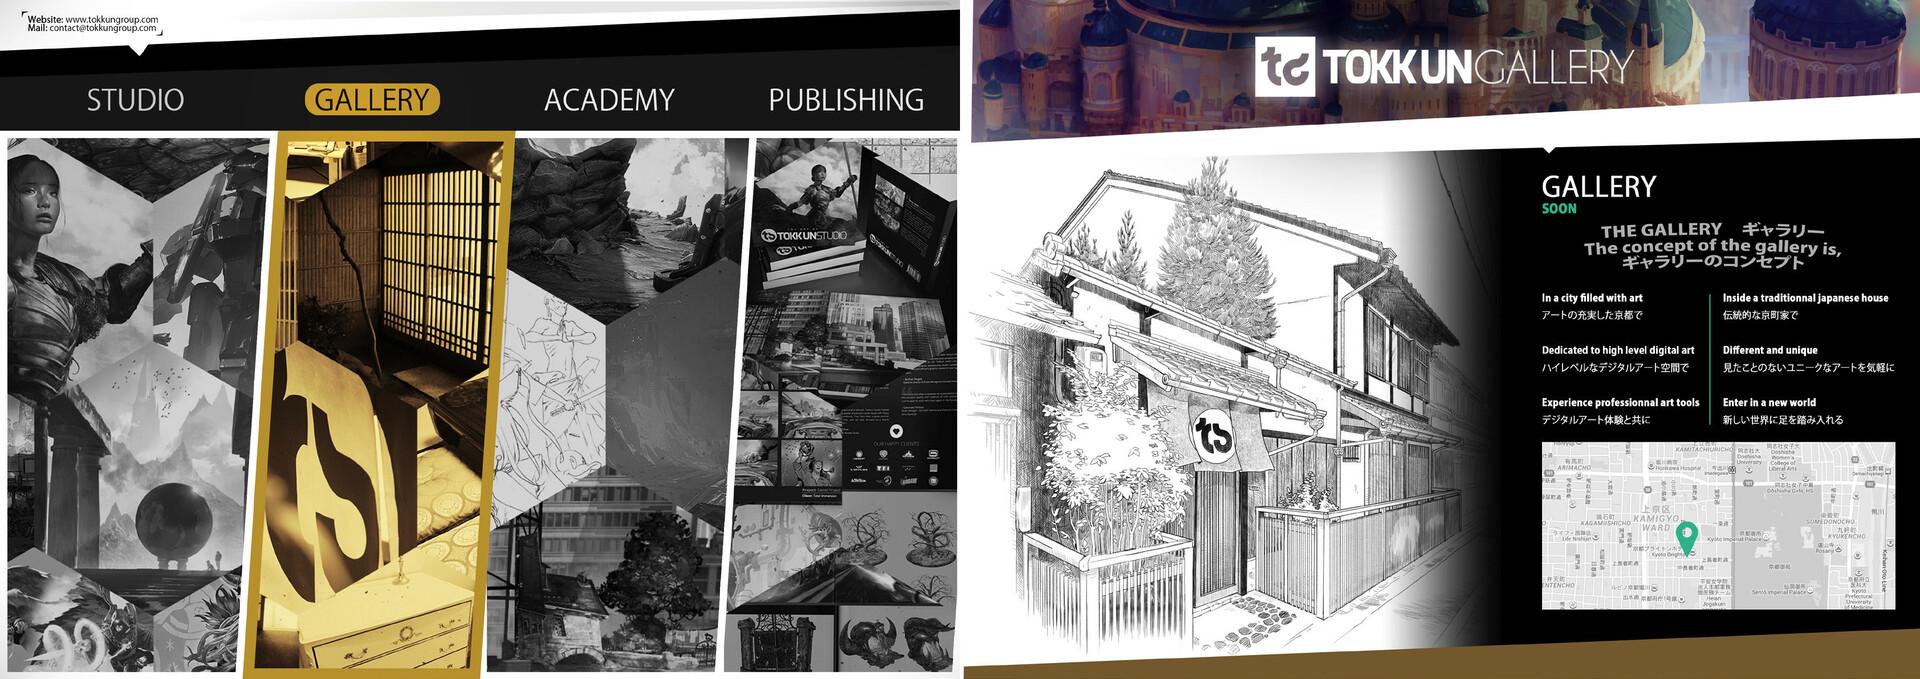 Tokkun studio pdf ts public2019 page 42